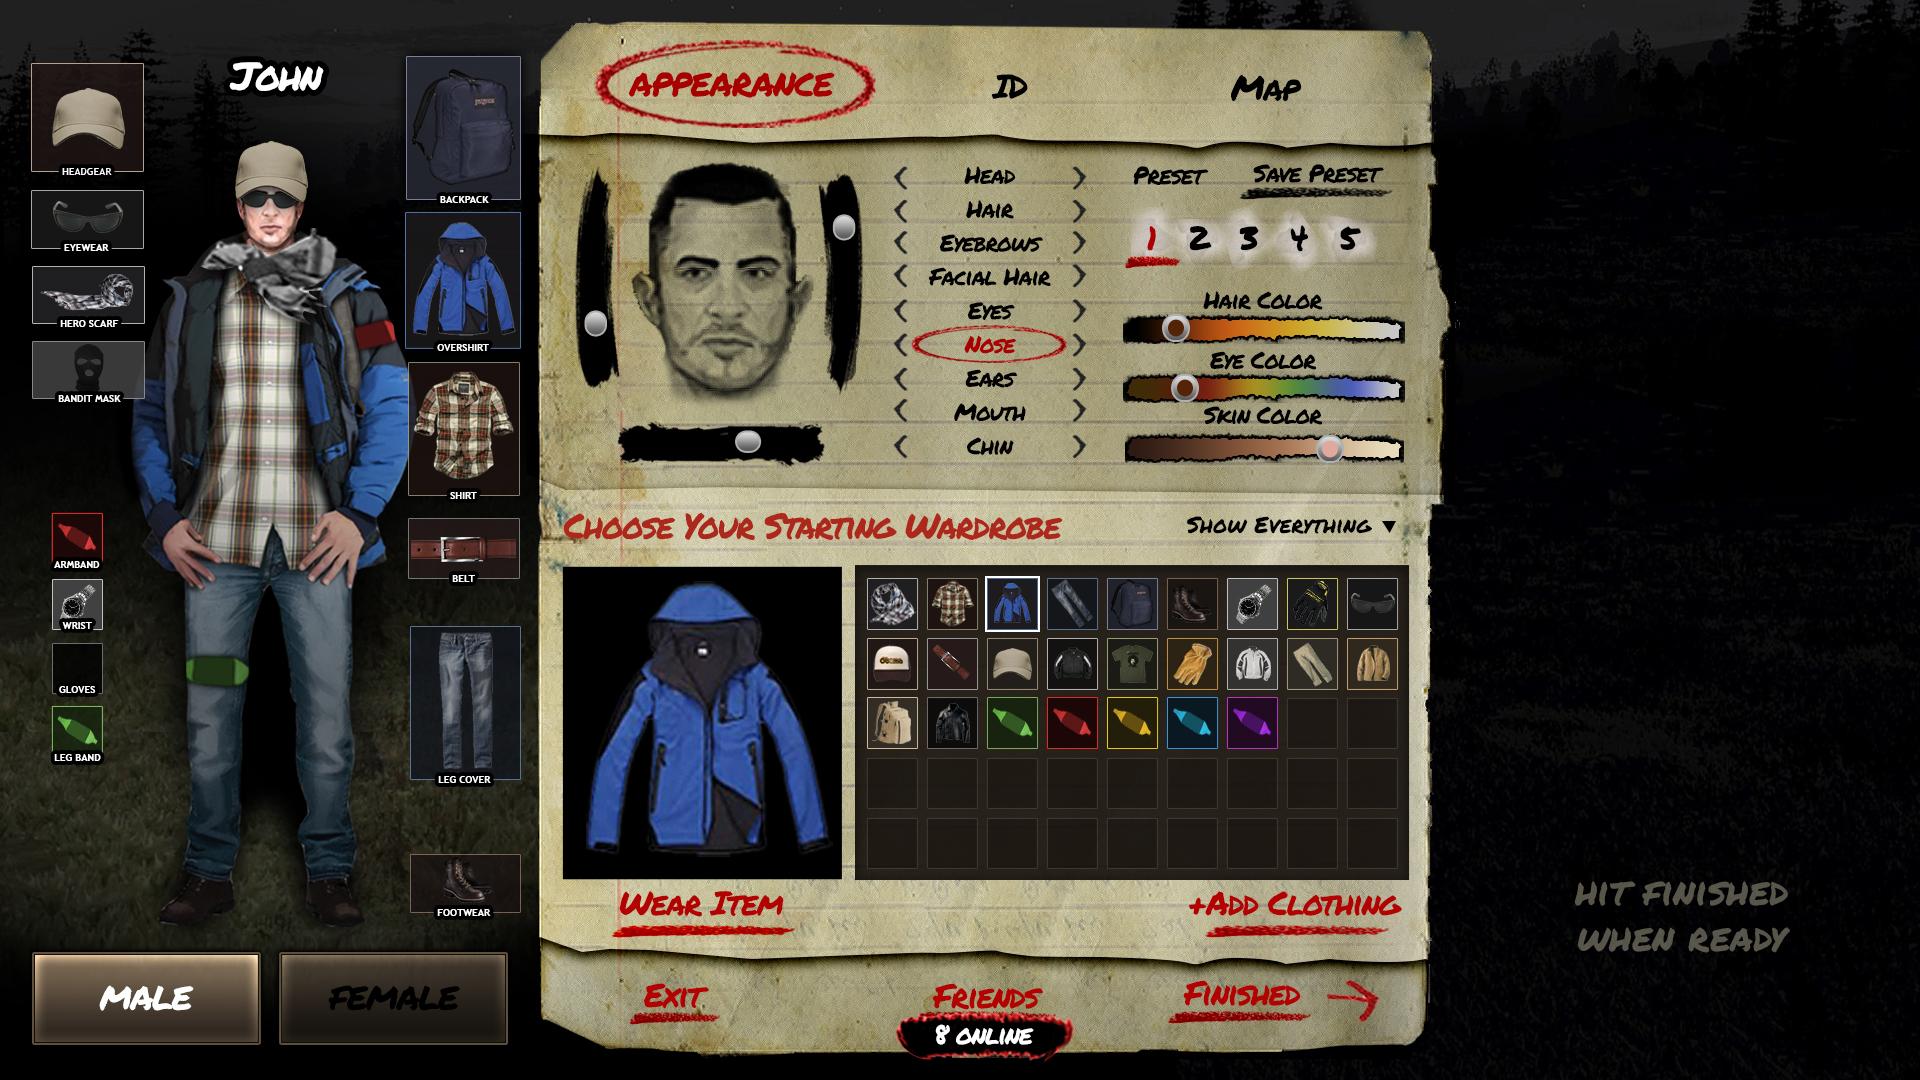 http://joeflashedme.com/dayz/concept/stuff/1.jpg